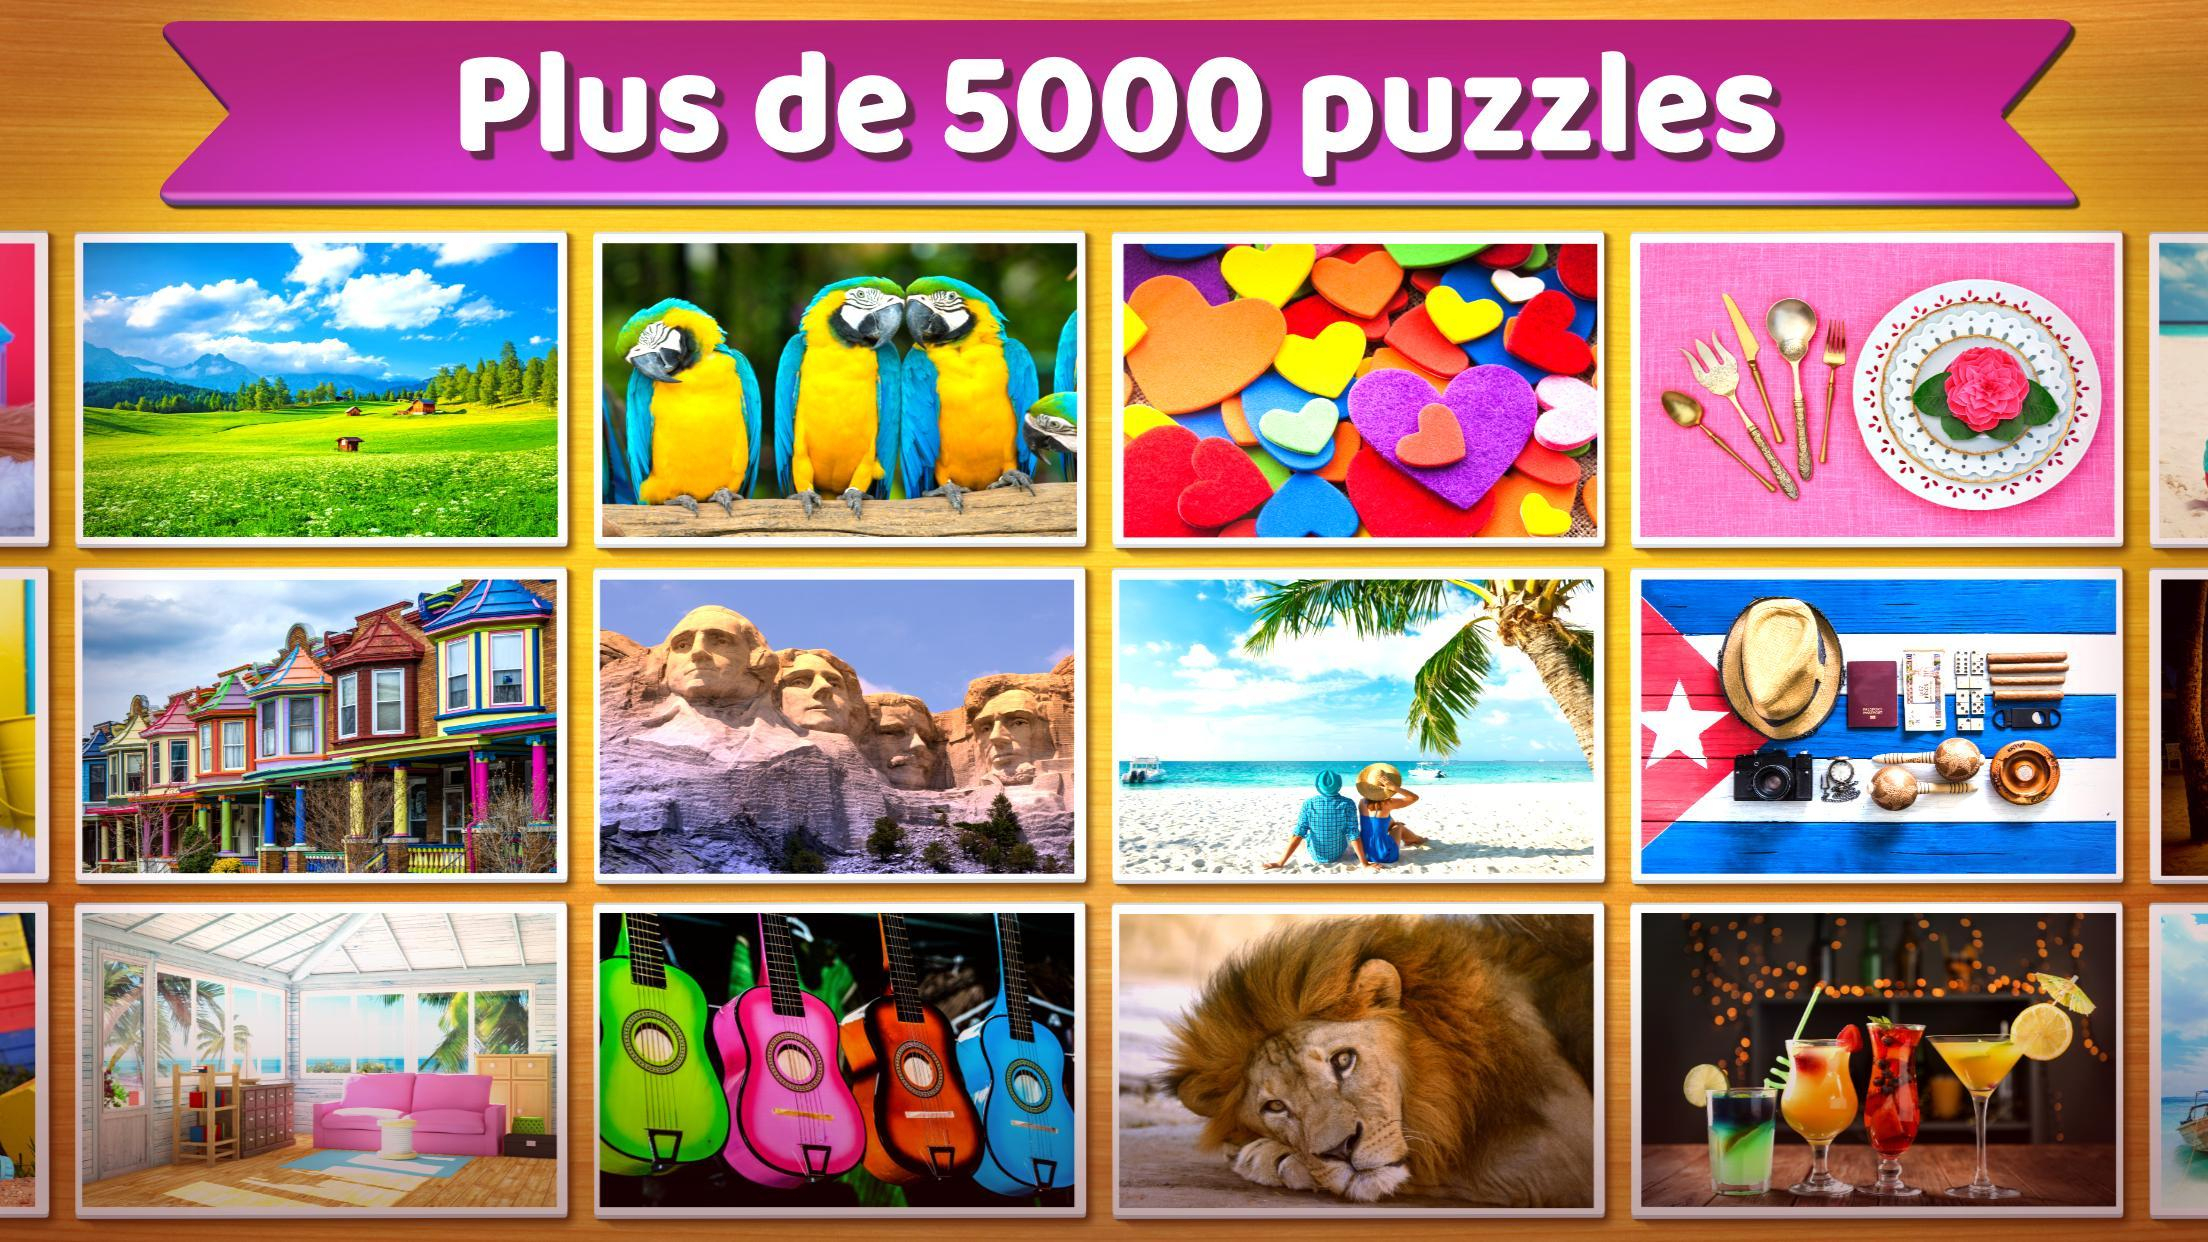 Puzzle 🧩 - Jeux De Puzzle Gratuit Pour Android à Jouer Puzzle Gratuit